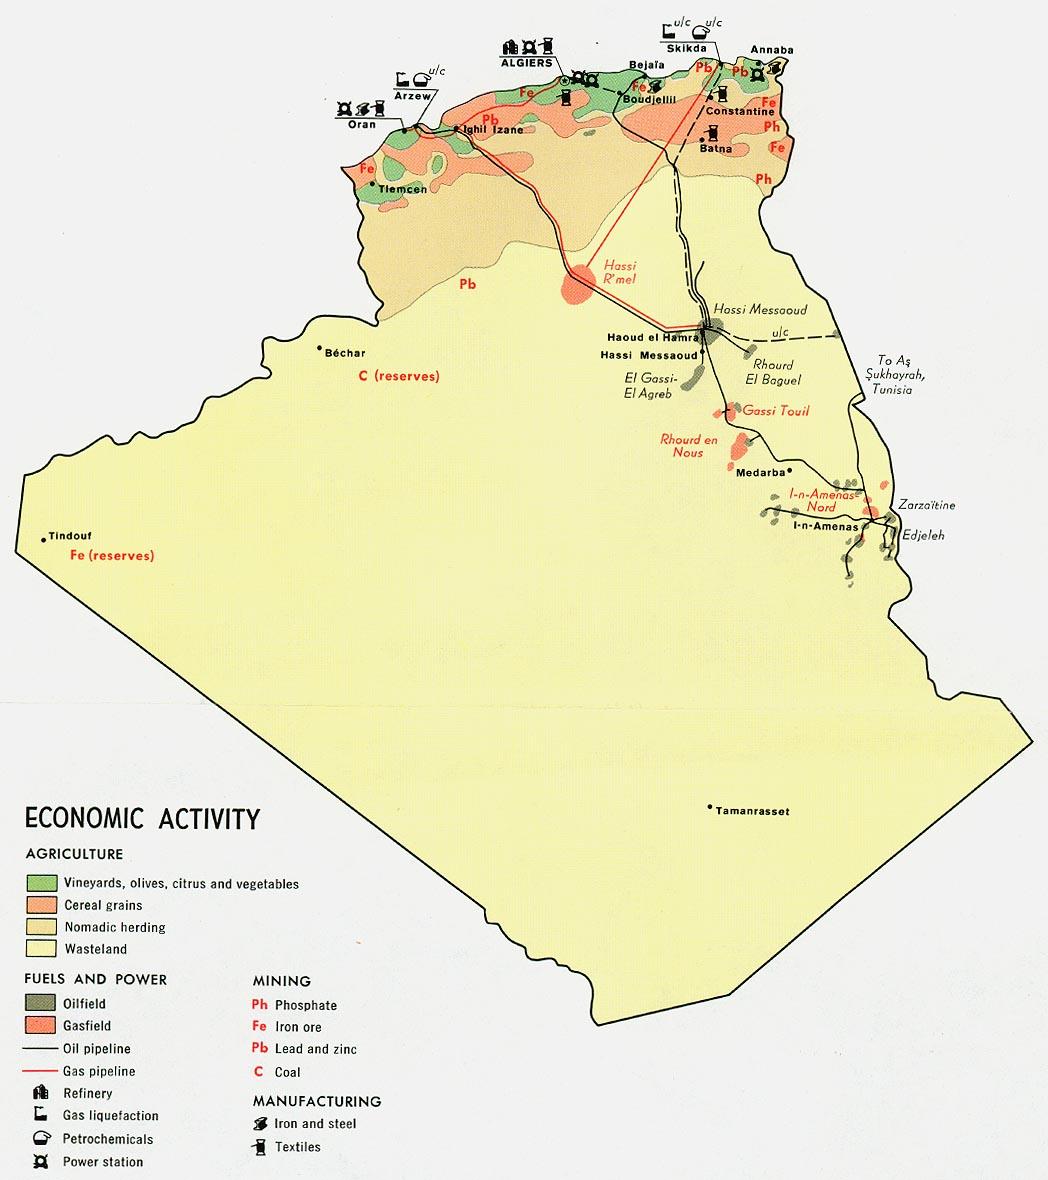 Mapa de la Actividad Económica de Argelia